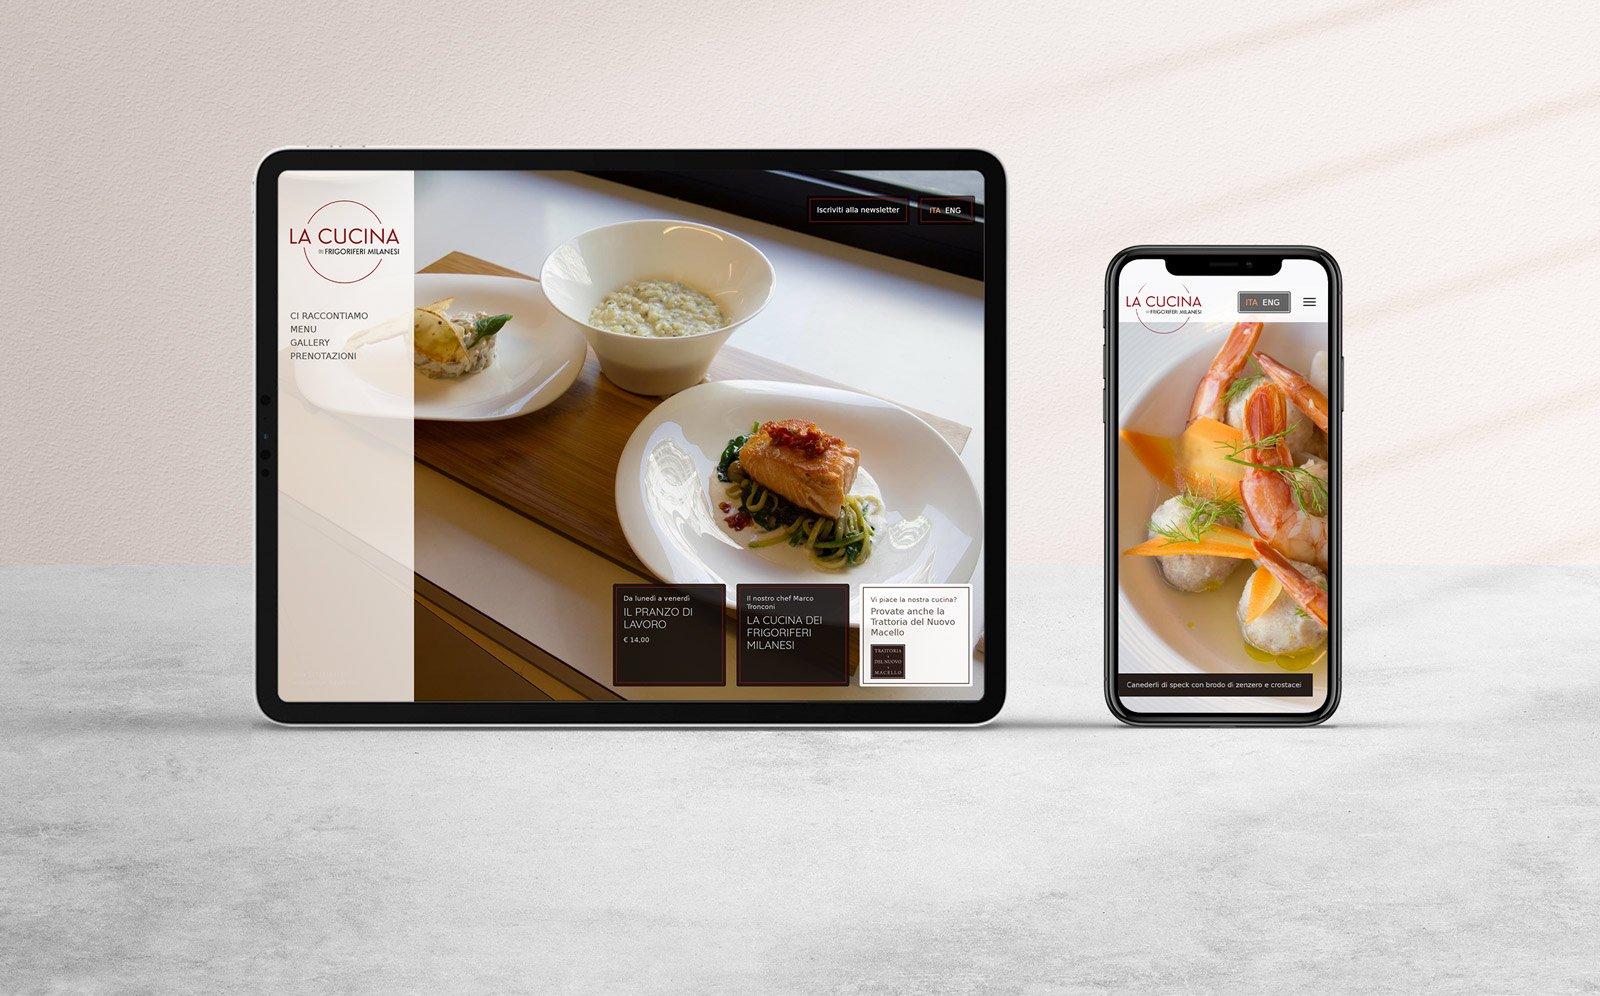 la cucina dei frigoriferi milanesi sito kayak agenzia di comunicazione milano